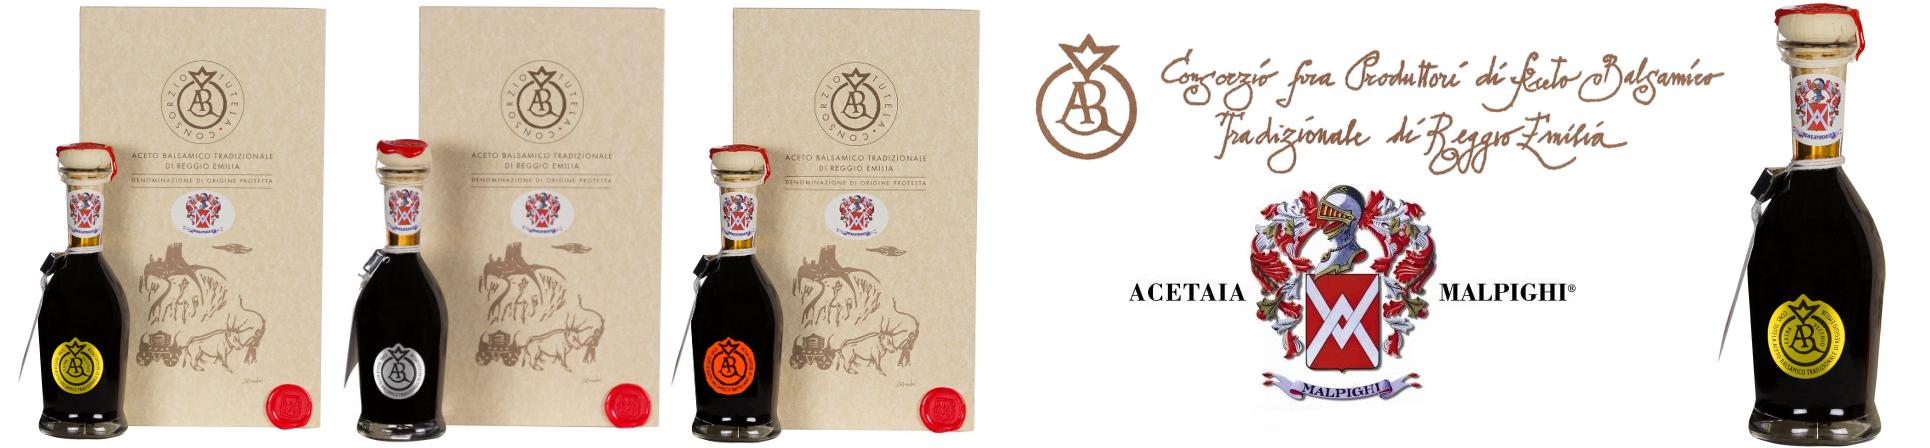 vendita online aceto balsamico tradizionale di Reggio Emilia - ACETAIA MALPIGHI